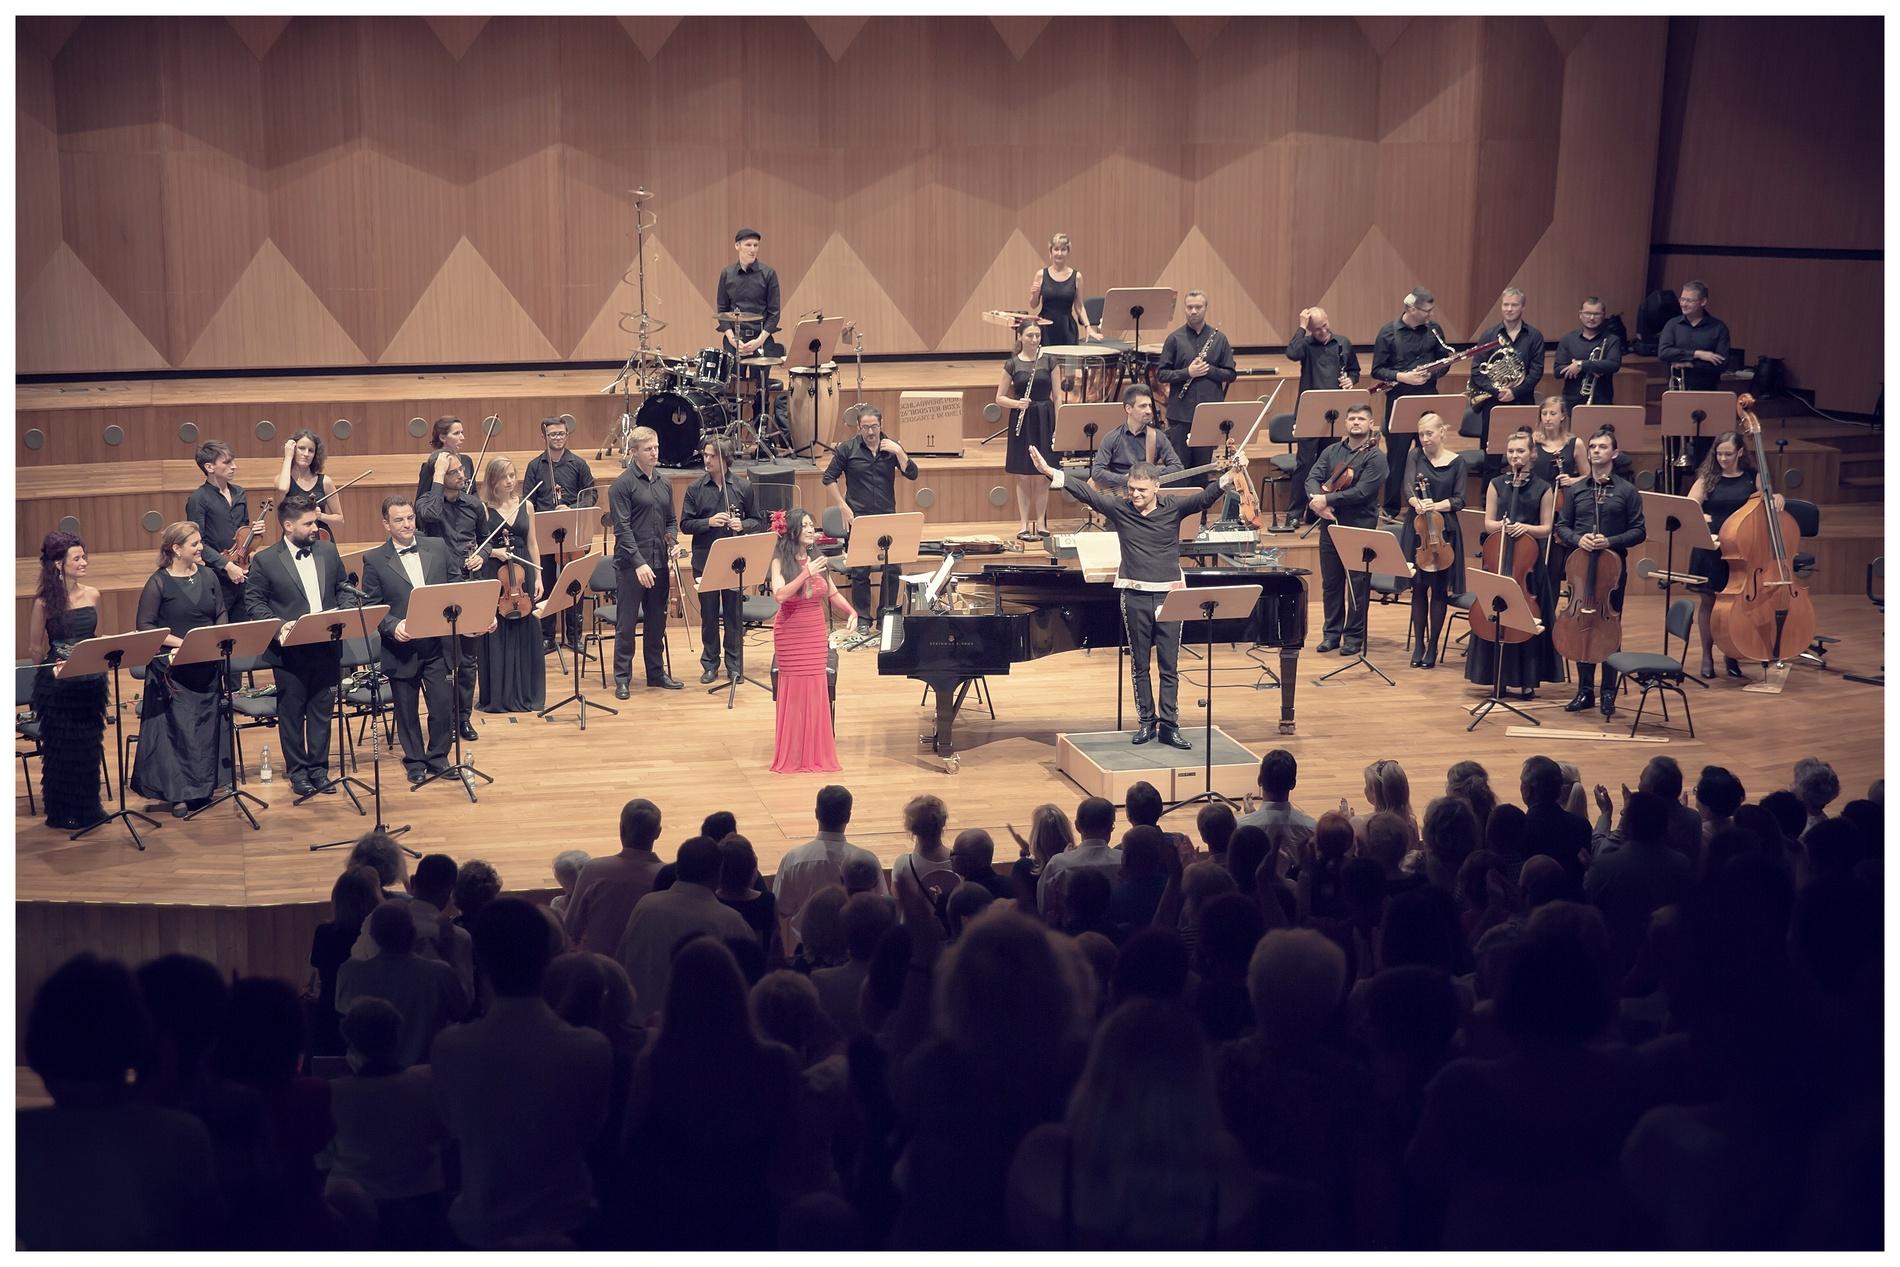 Baltic Neopolis Orchestra, fot. Radek Kurzaj (źródło: materiały prasowe organizatora)